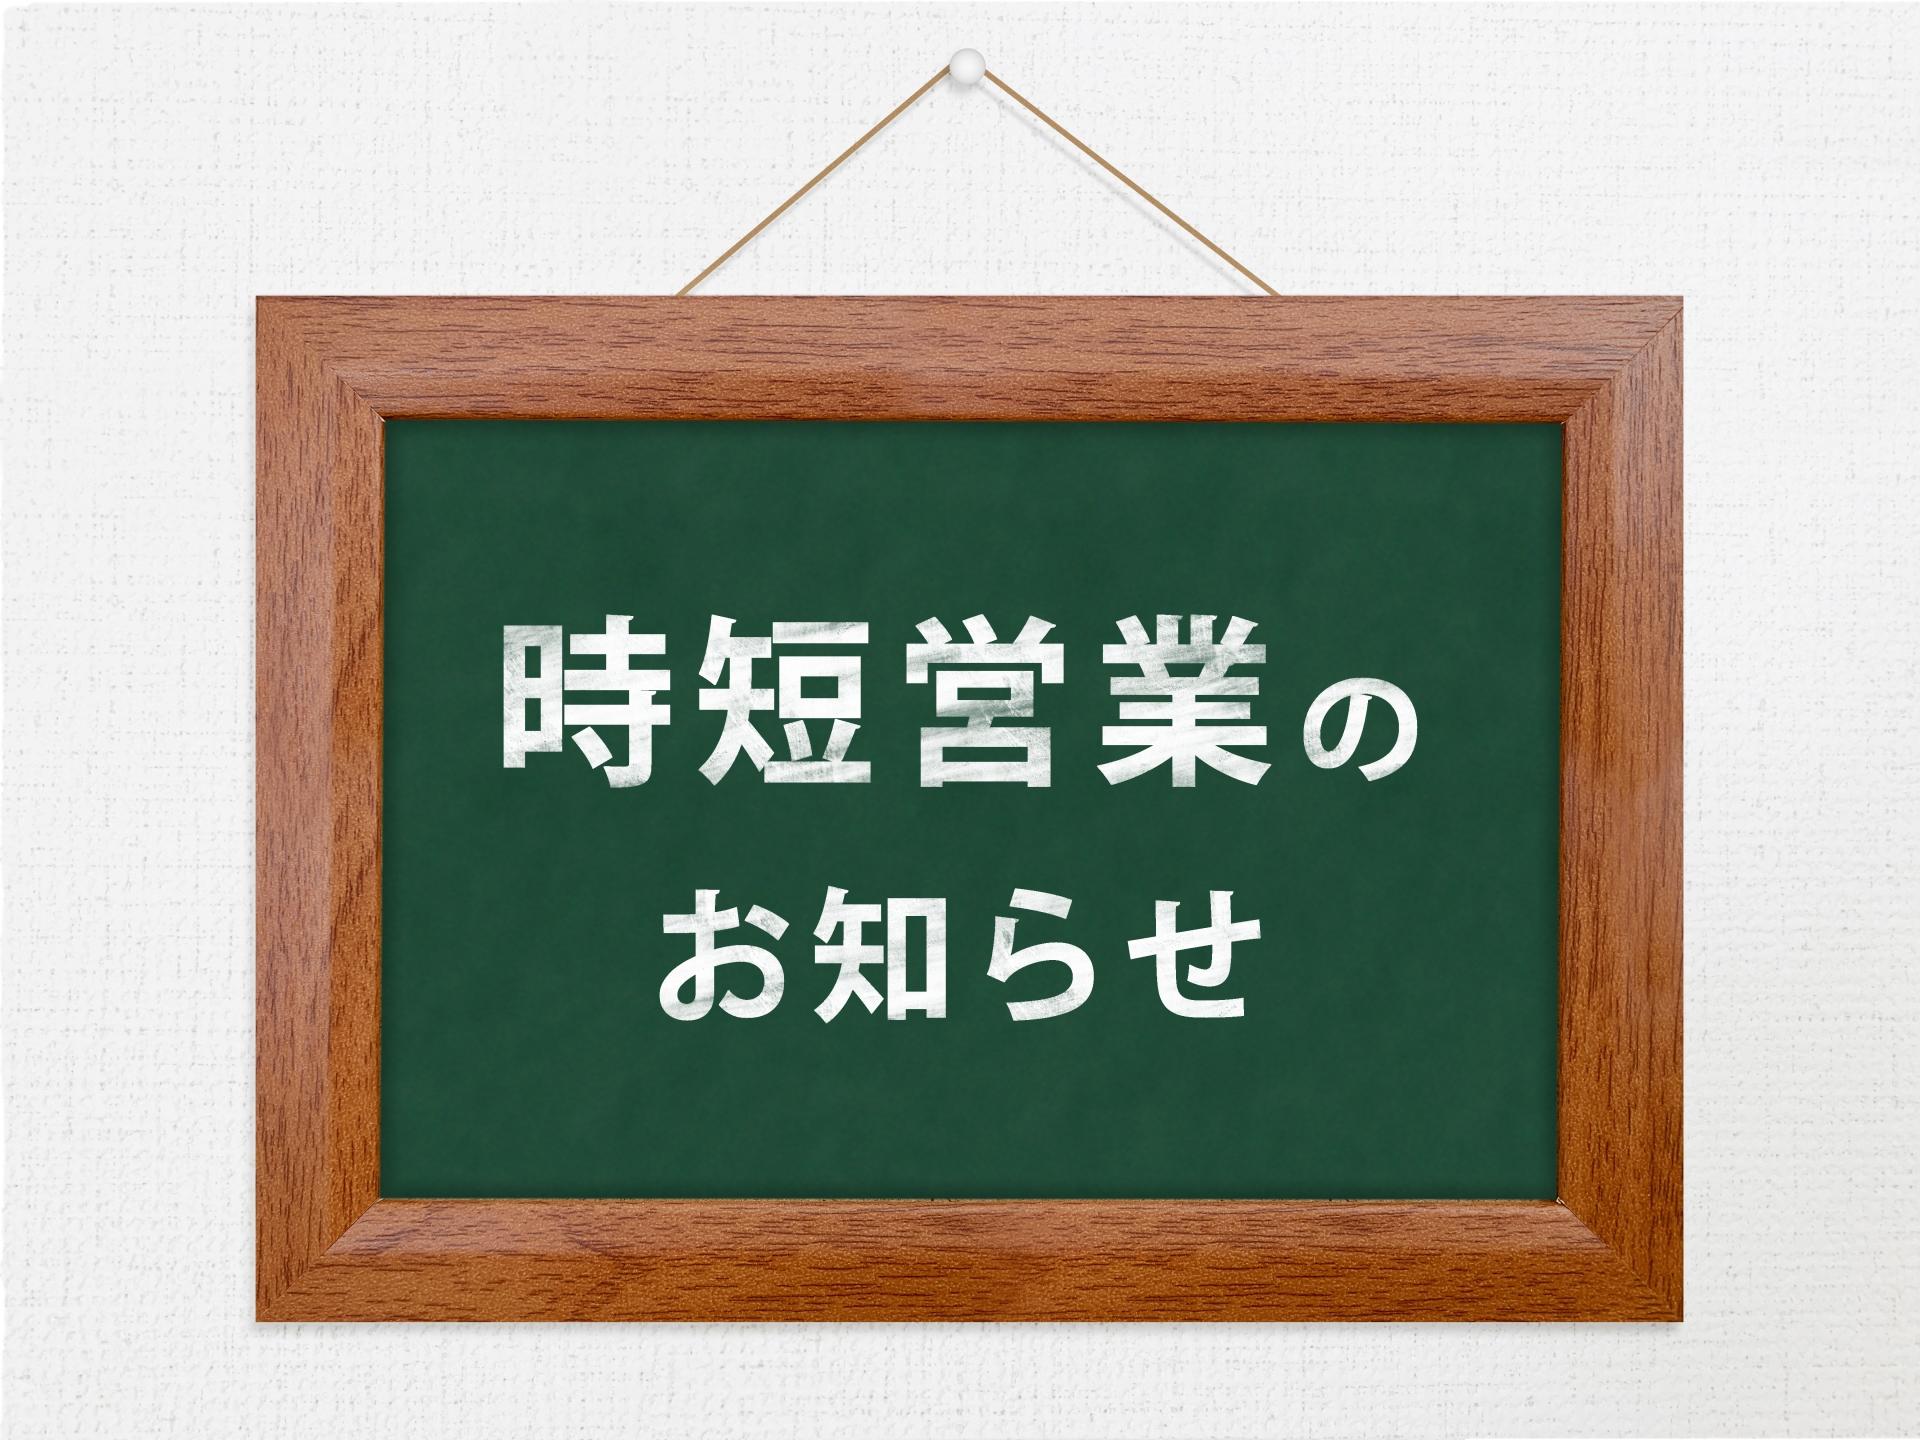 協力 大阪 金 営業 時短